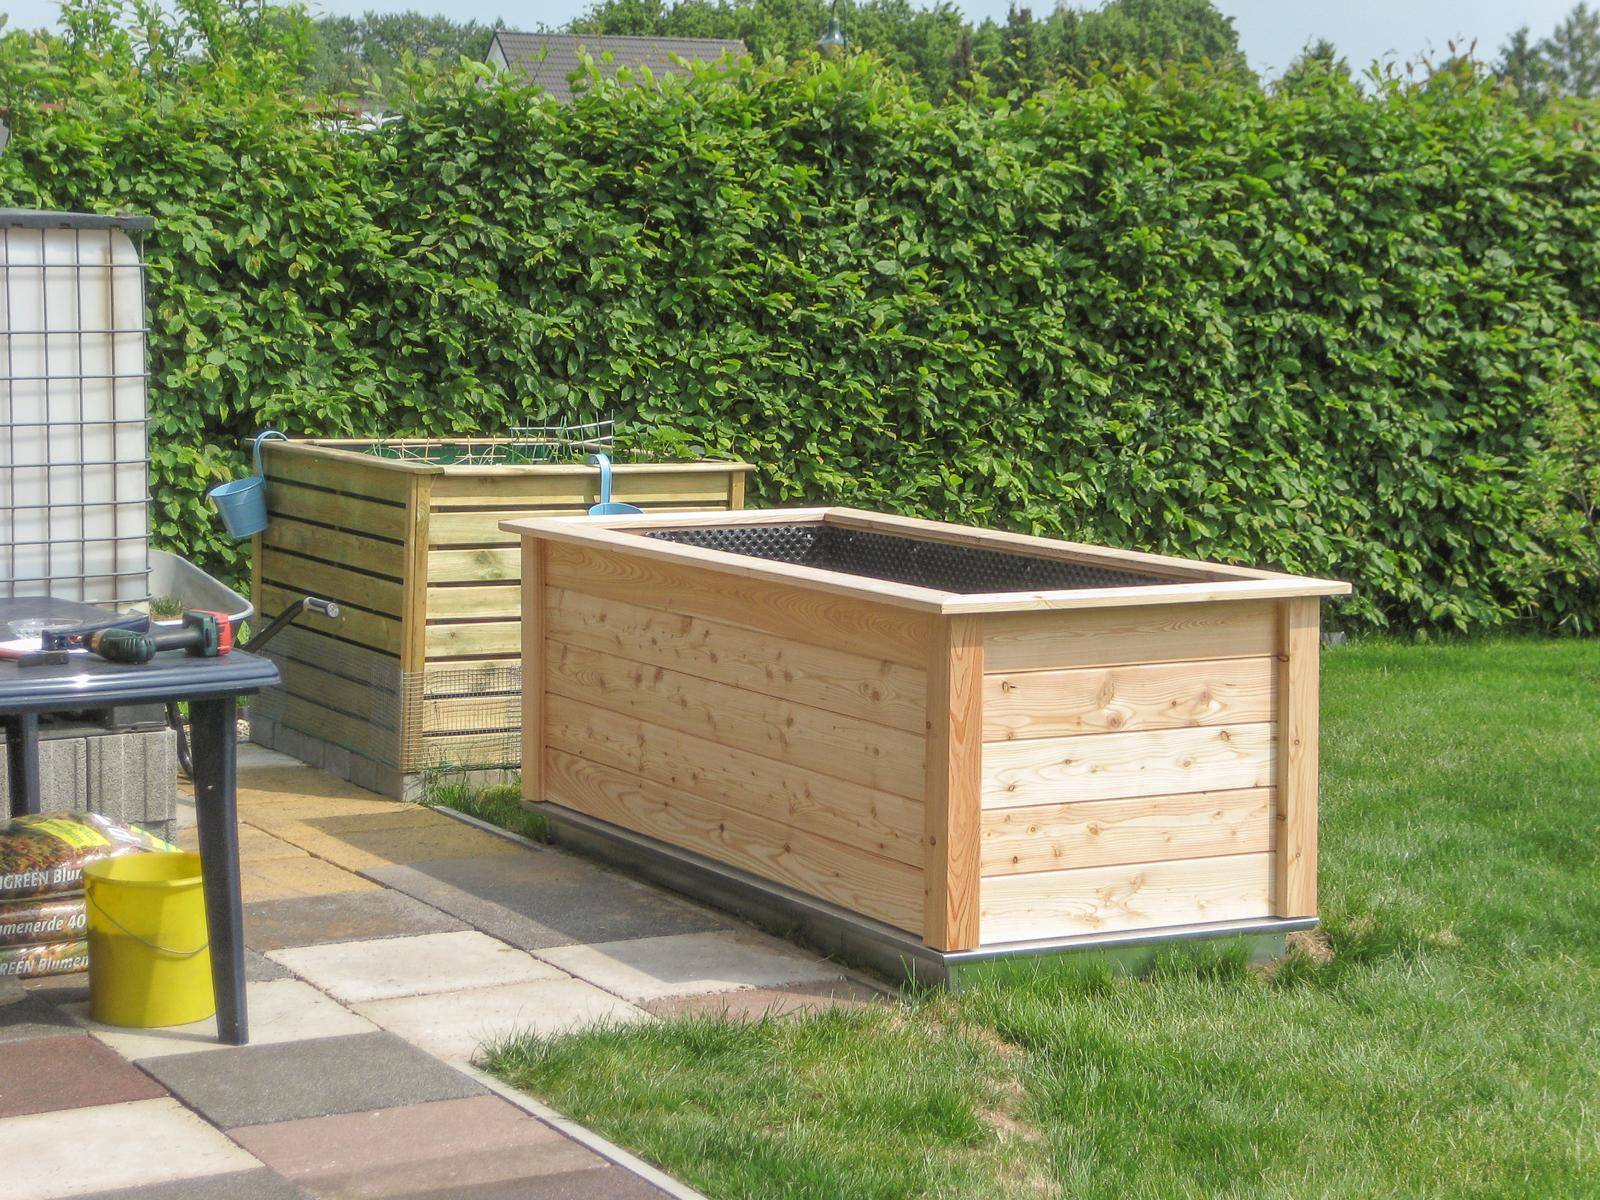 Baublog Von Susi Und Sven Neues Hochbeet Bilder Aus Dem Garten